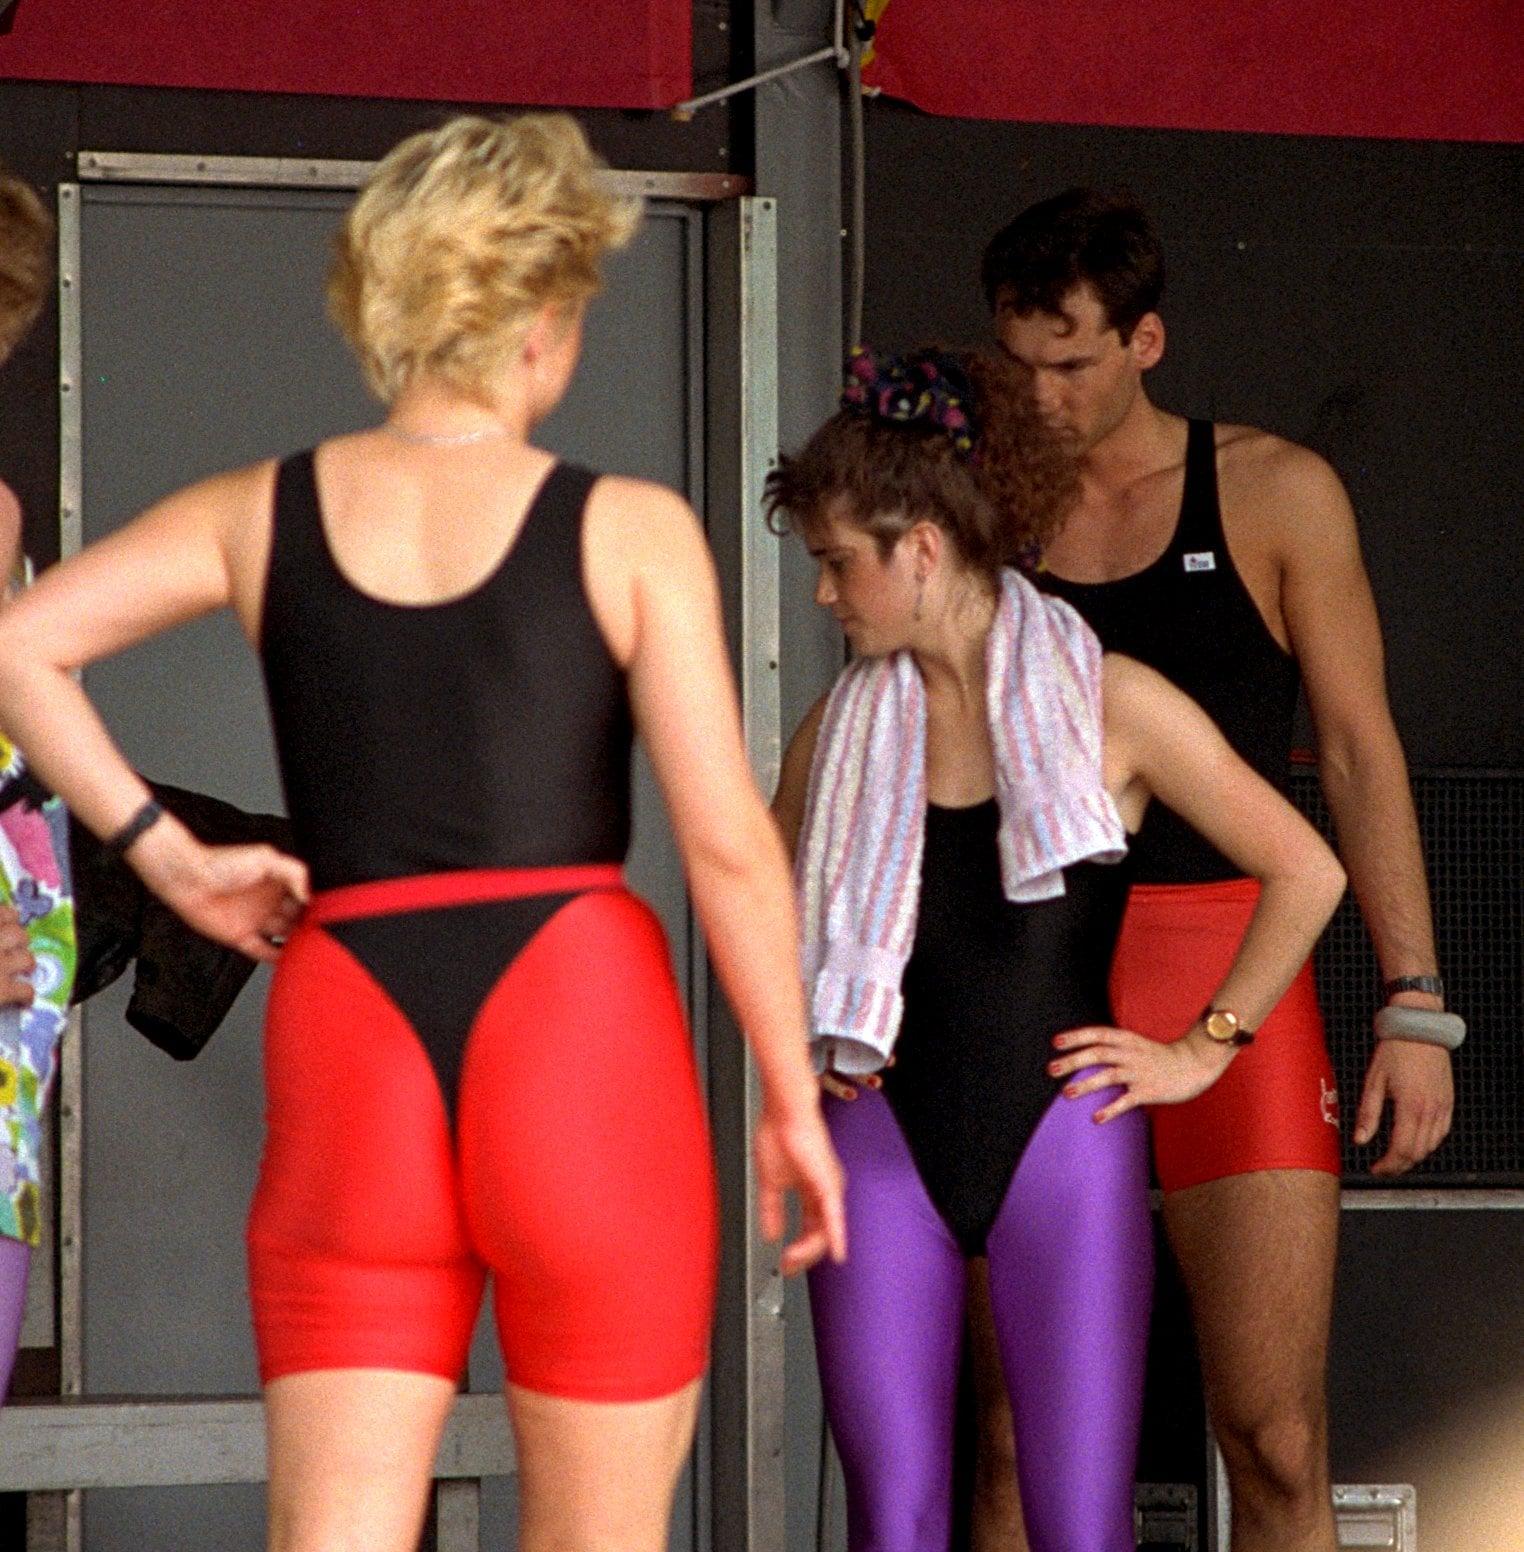 Aerobic fashions